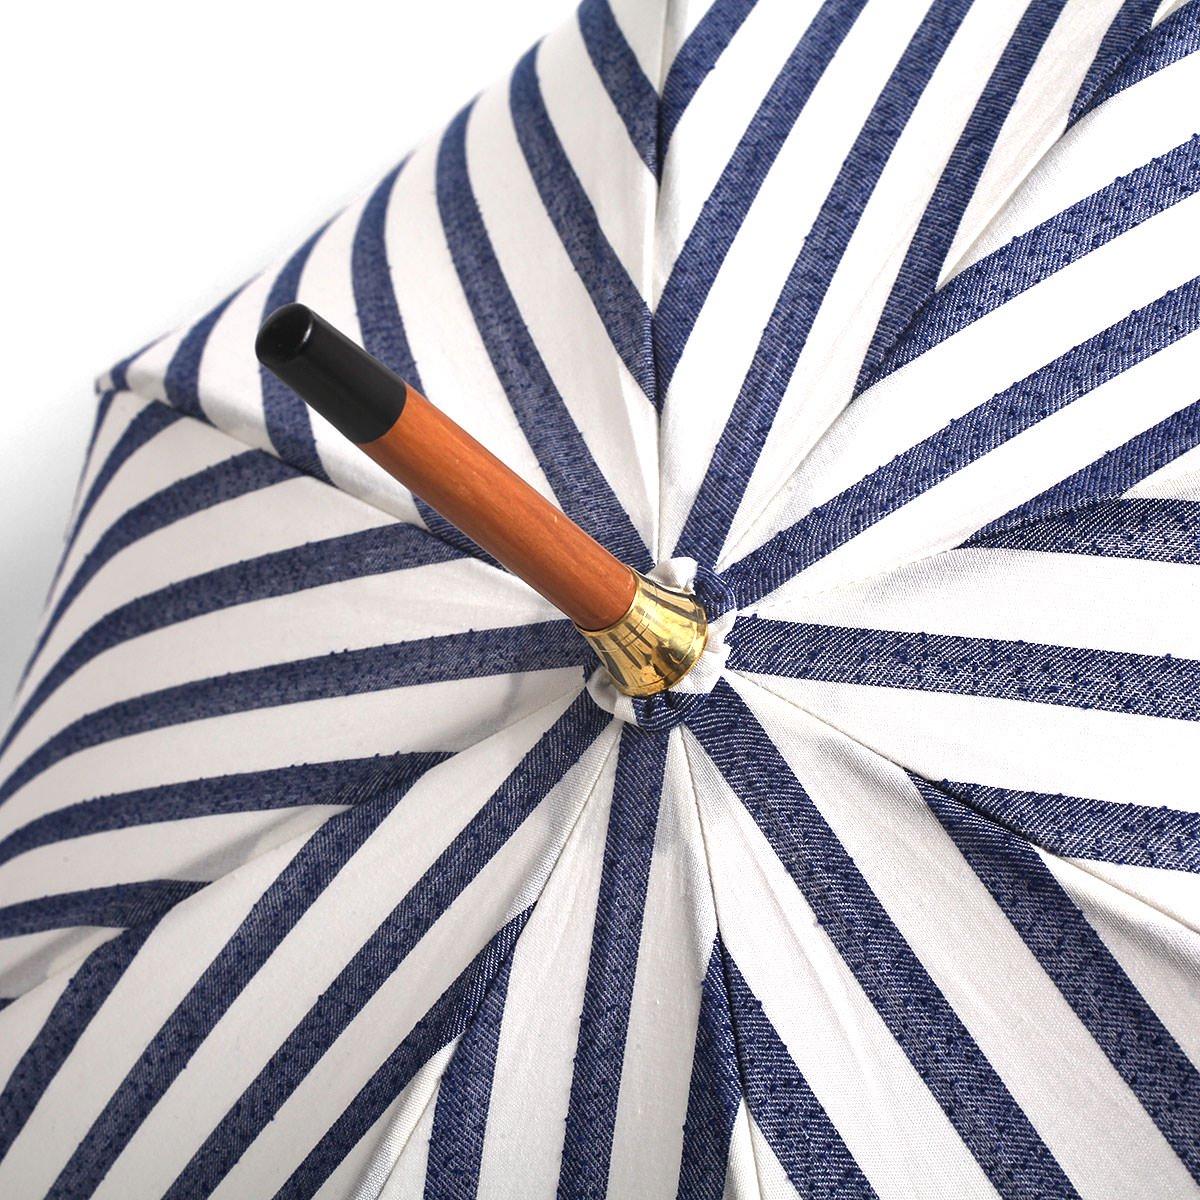 【晴雨兼用傘】レディース ネップストライプ 長傘 詳細画像7